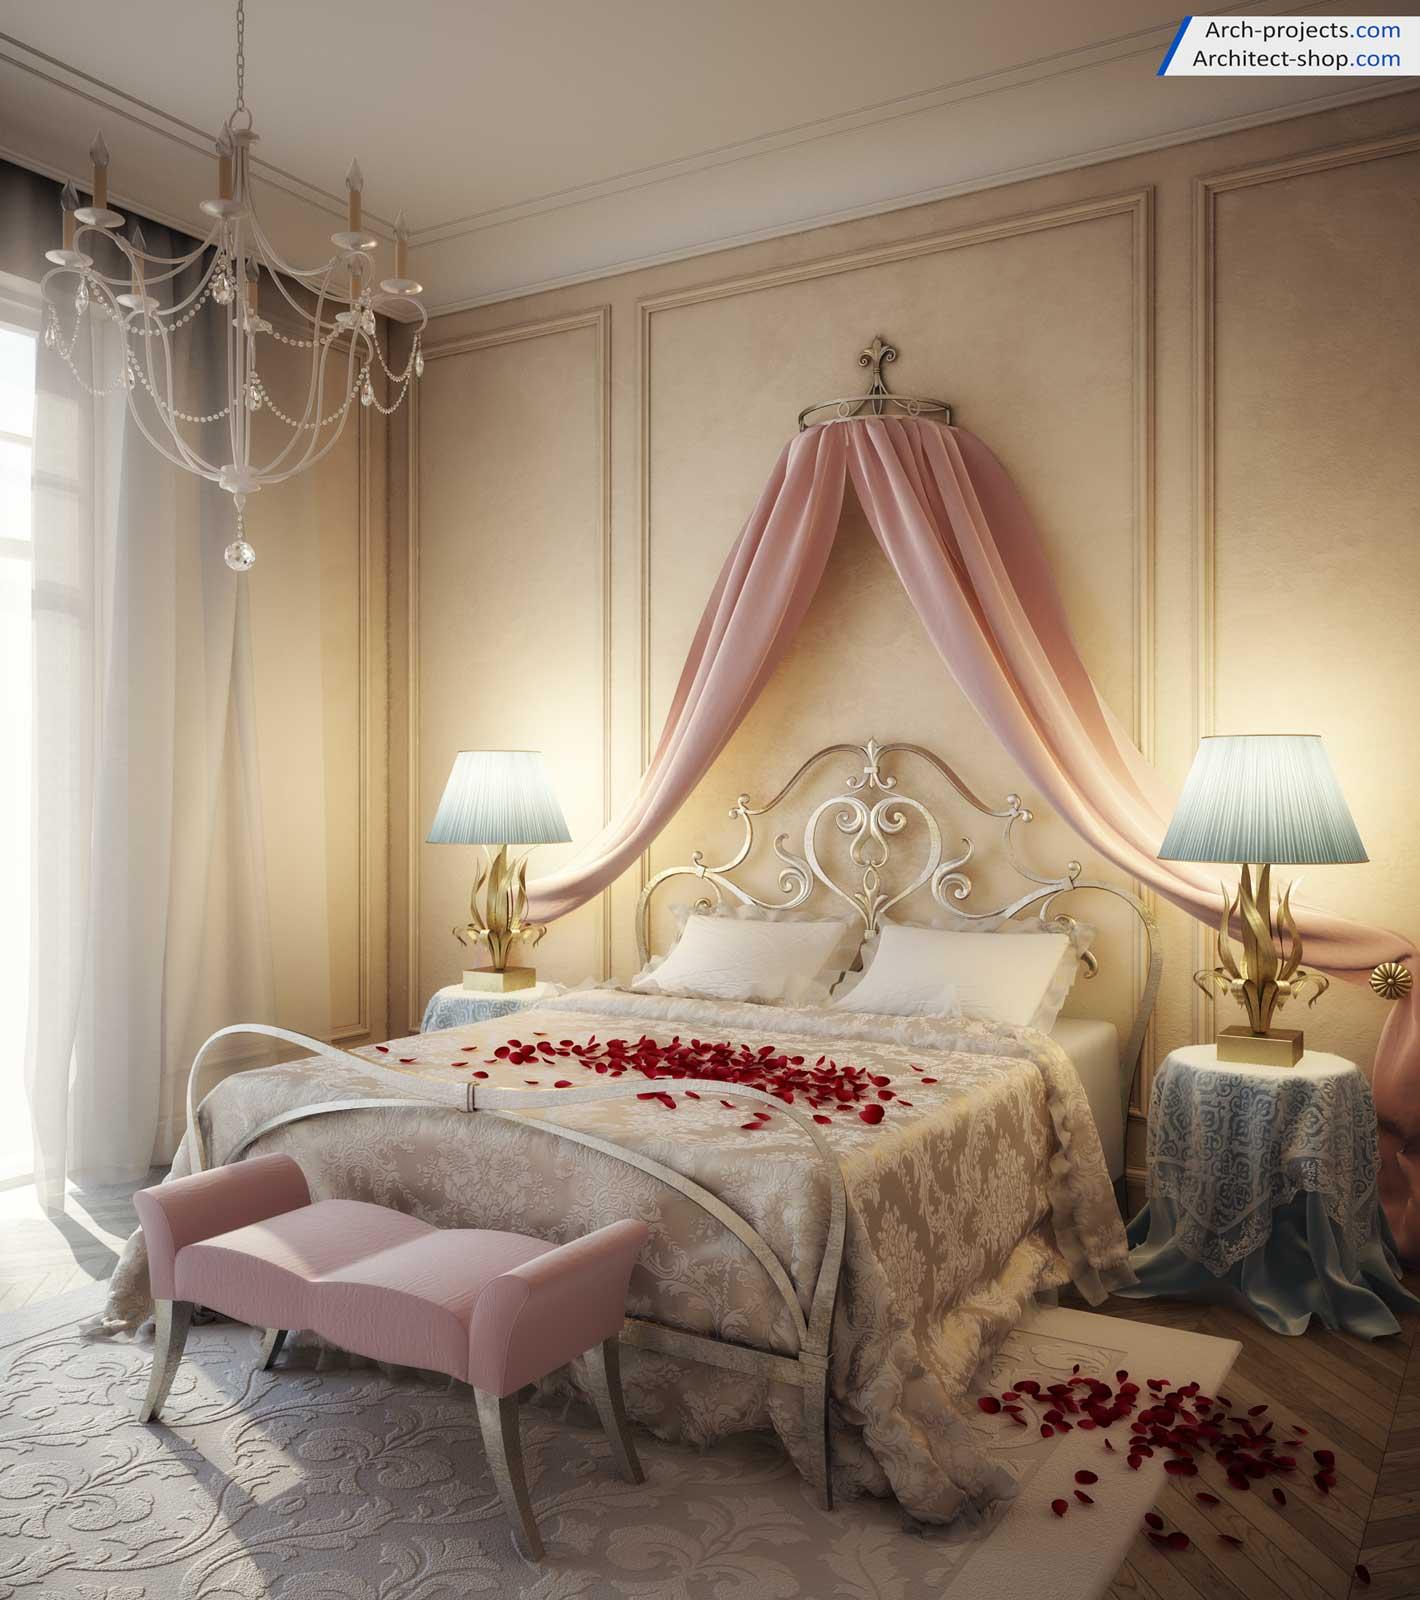 آموزش 3dmax طراحی اتاق خواب کلاسیک